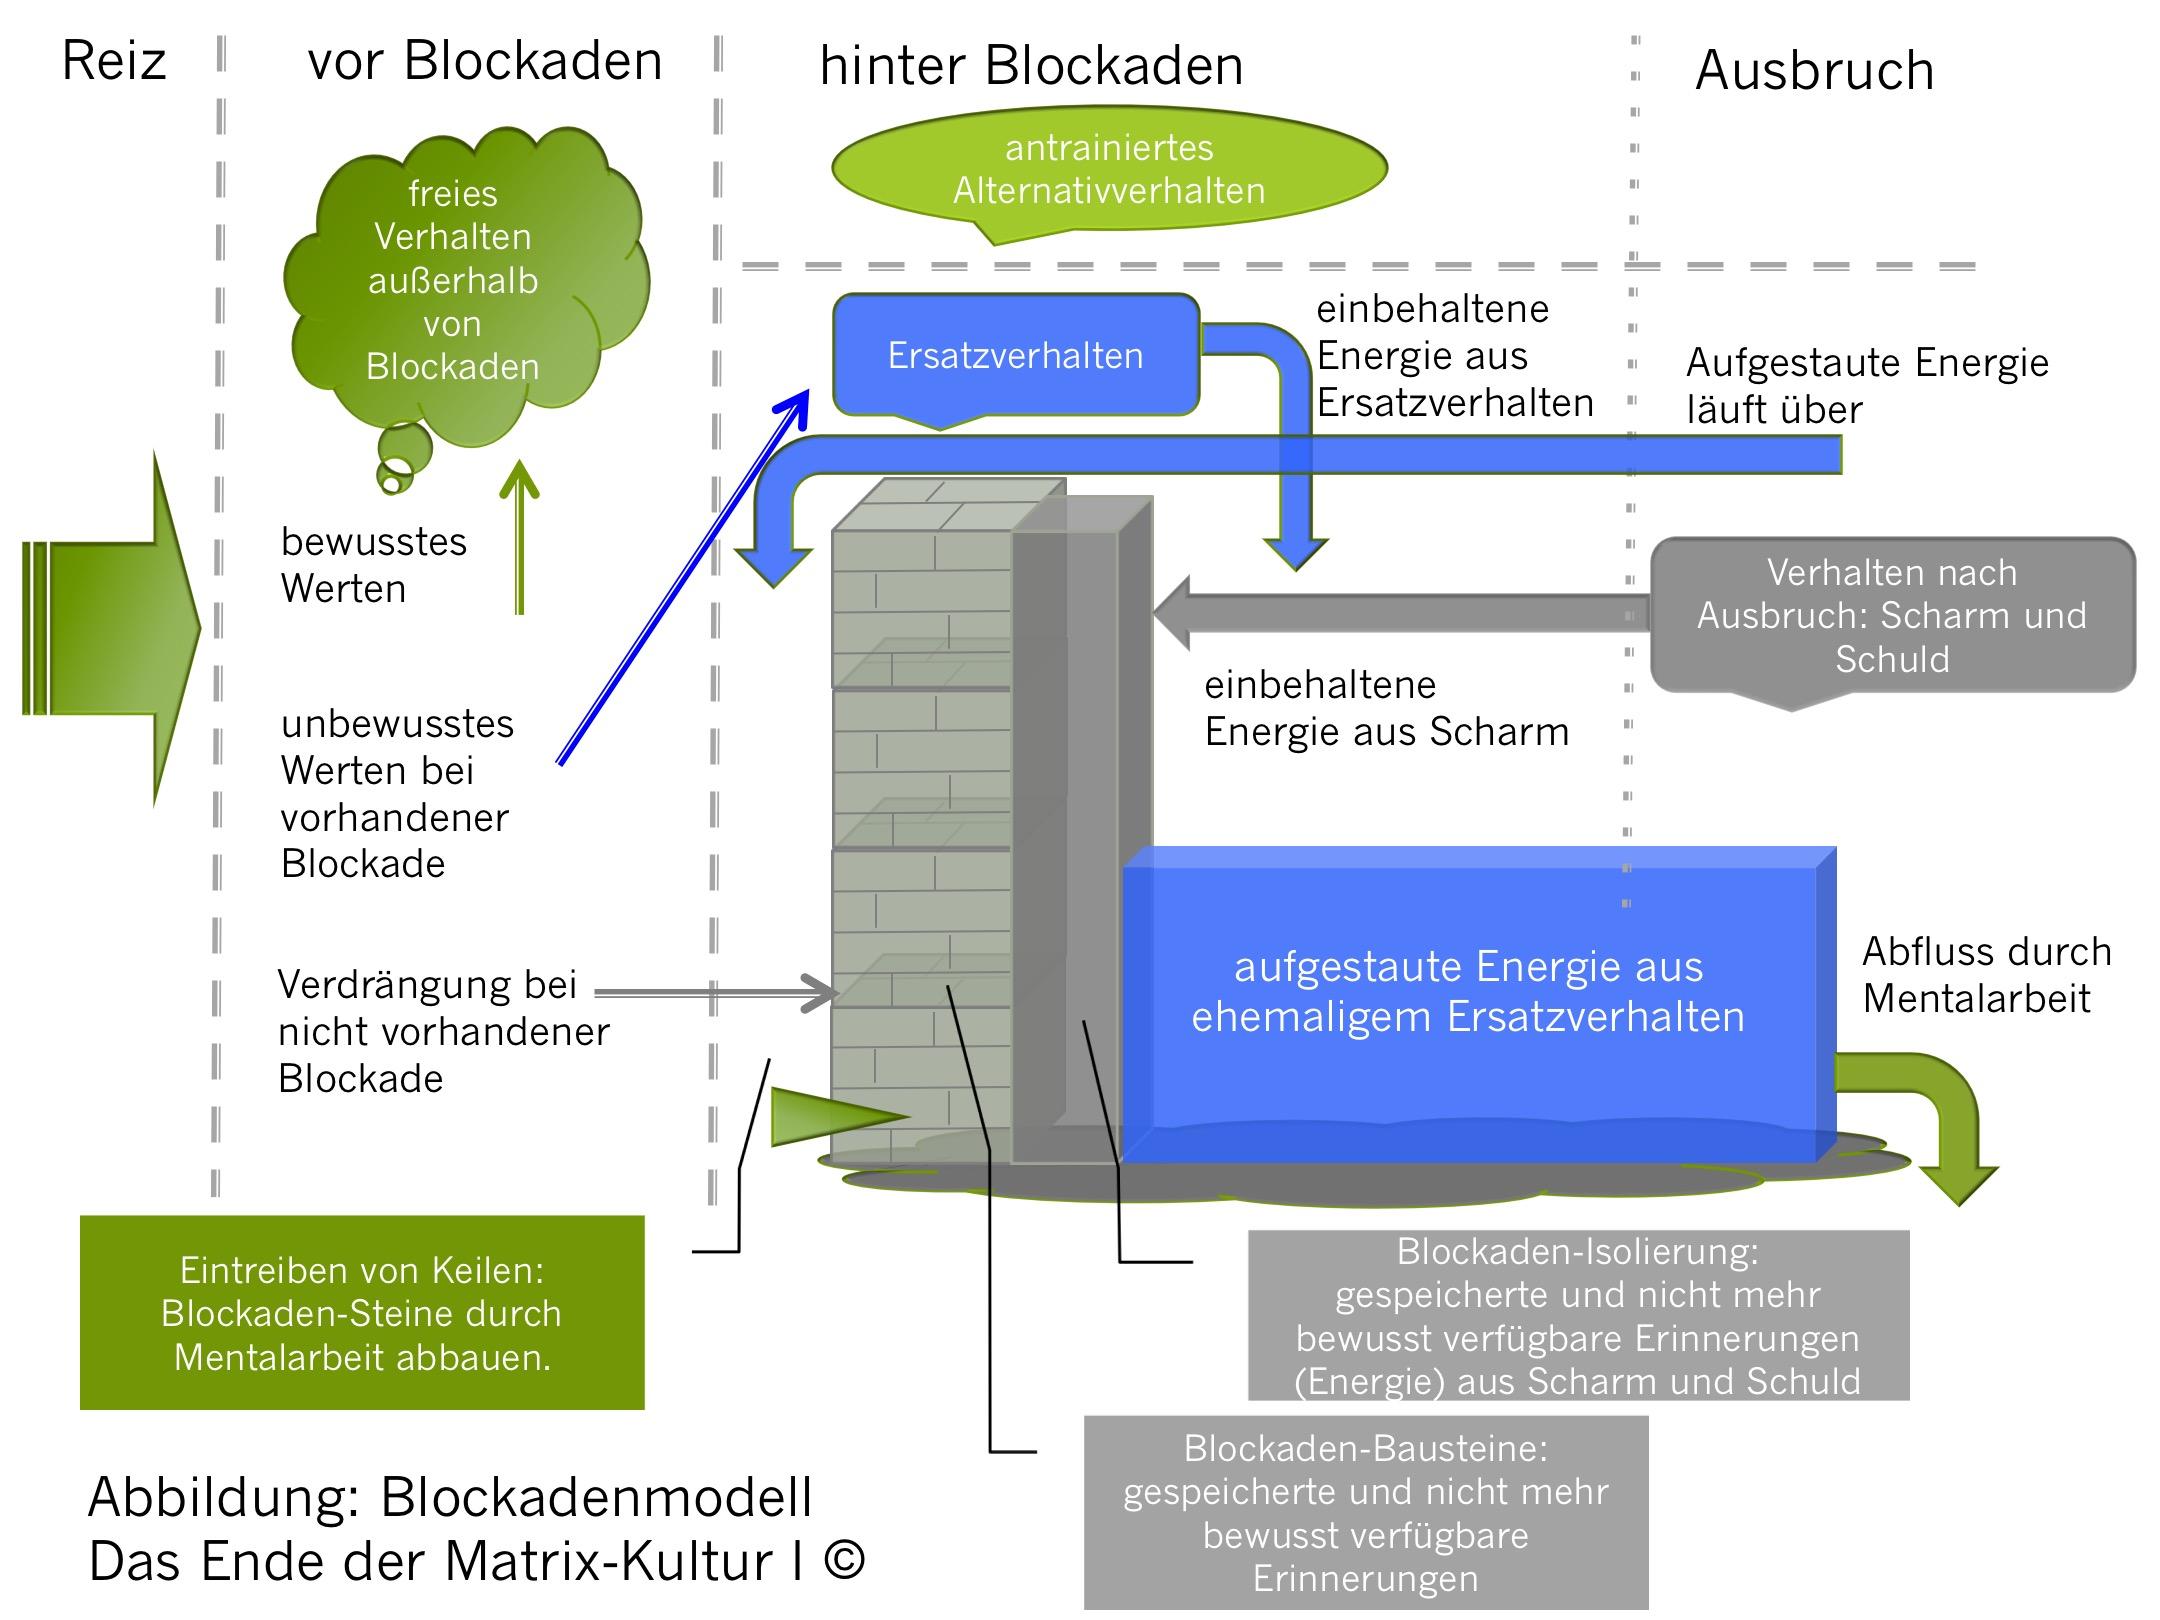 EDMK Blockadenmodell